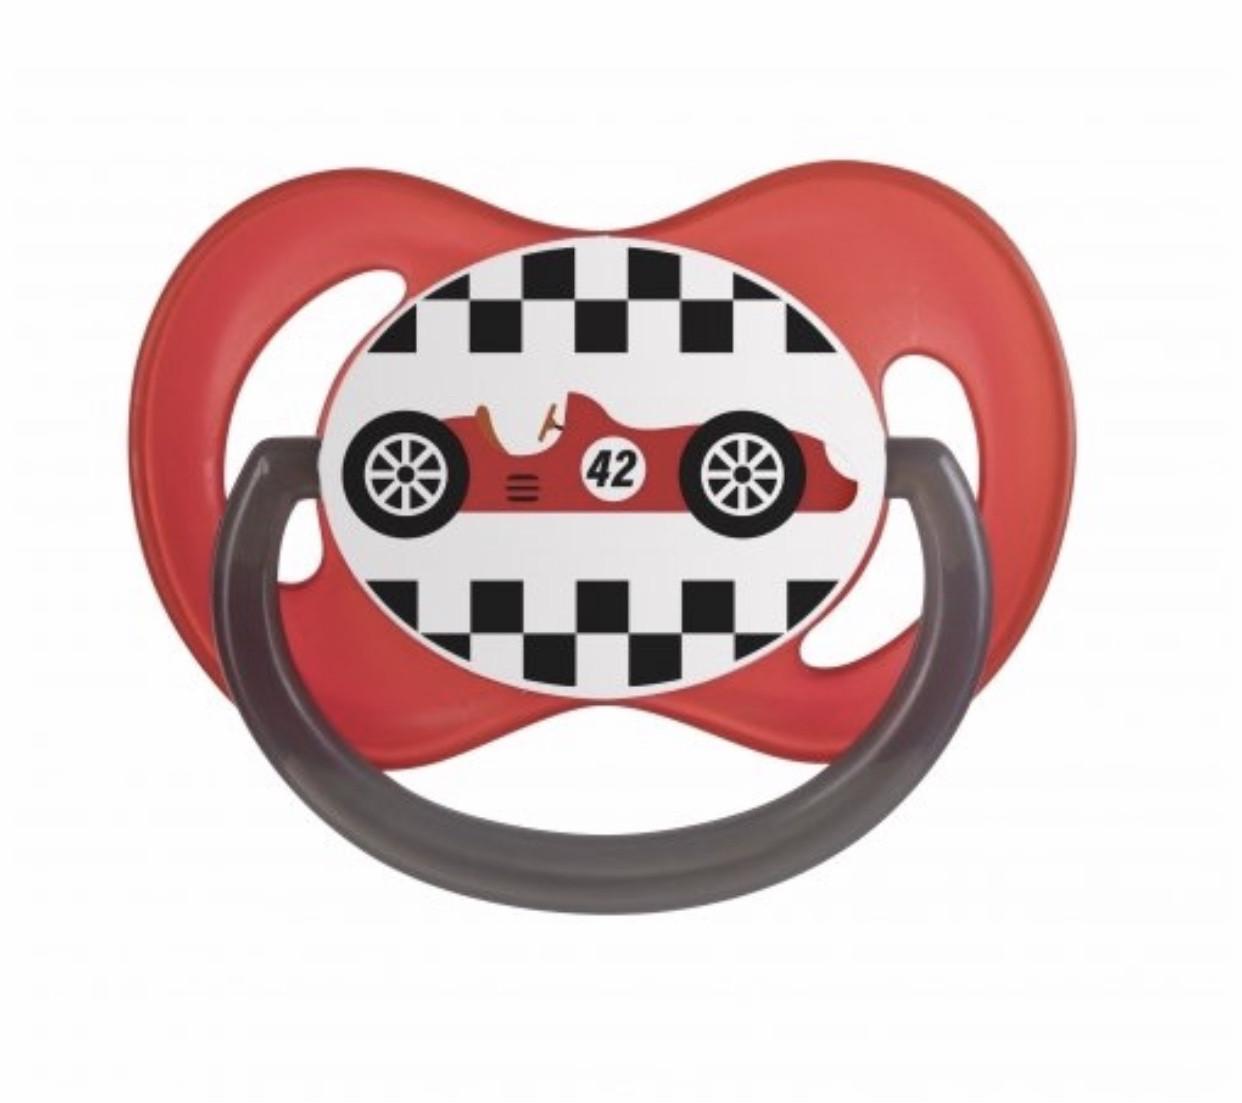 Пустышка силиконовая симетричная красная  0-6 м  Racing Canpol babies 22/571